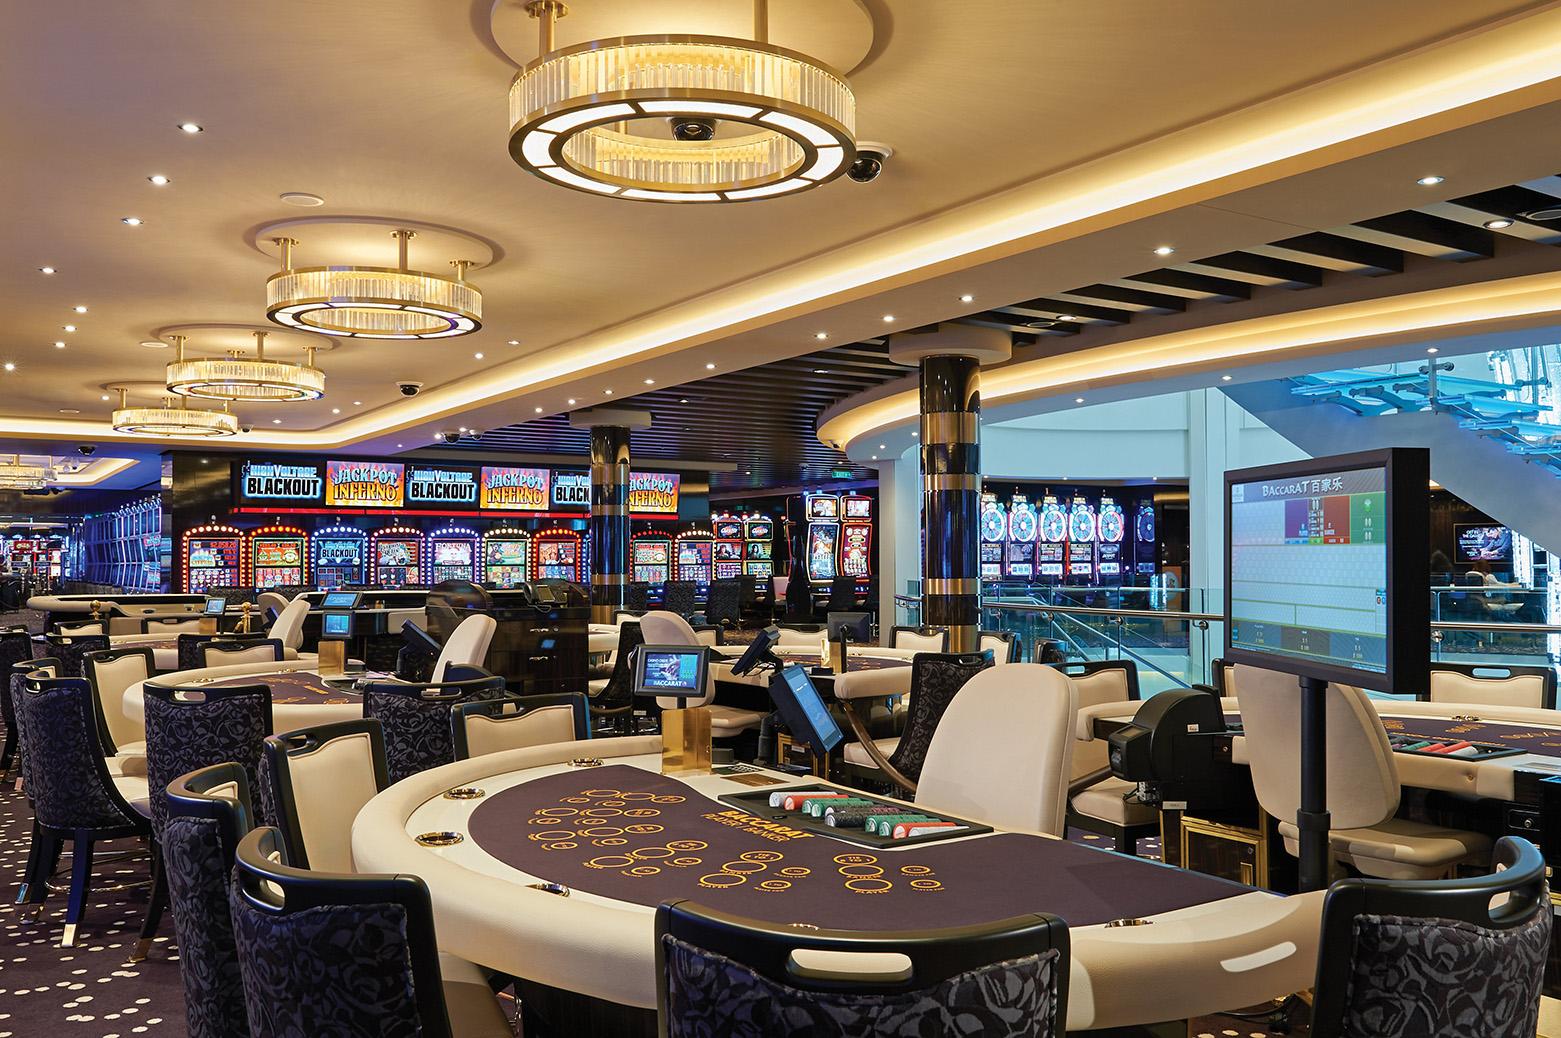 Casino dealer hiring in philippines